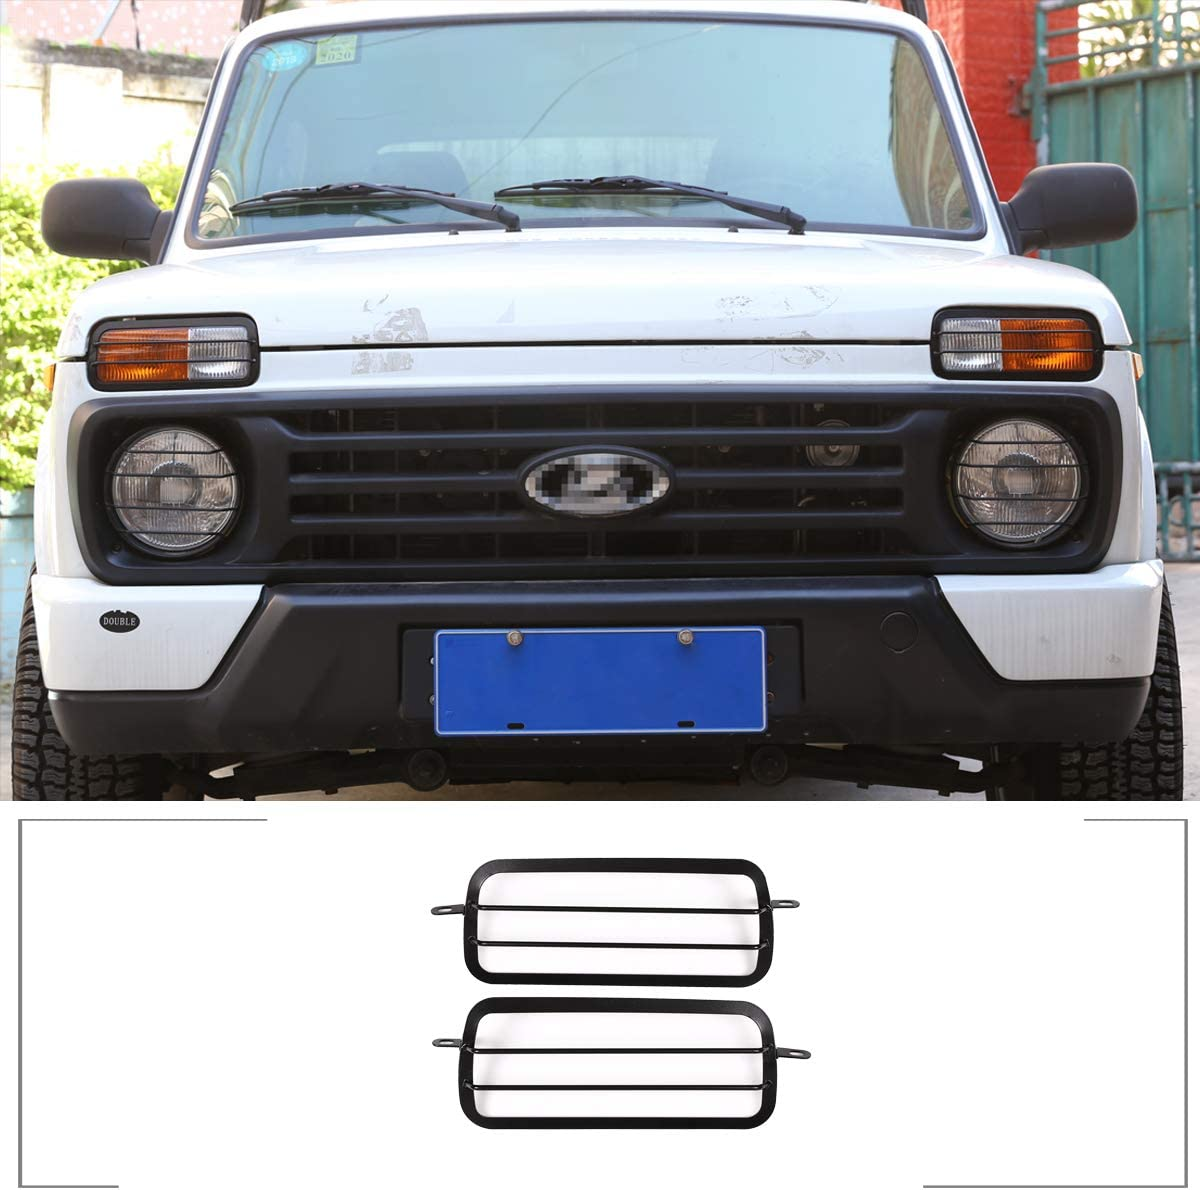 Nebelscheinwerfer Schutzrahmen Aus Aluminiumlegierung Für Niva Autozubehör 2 Stück Auto